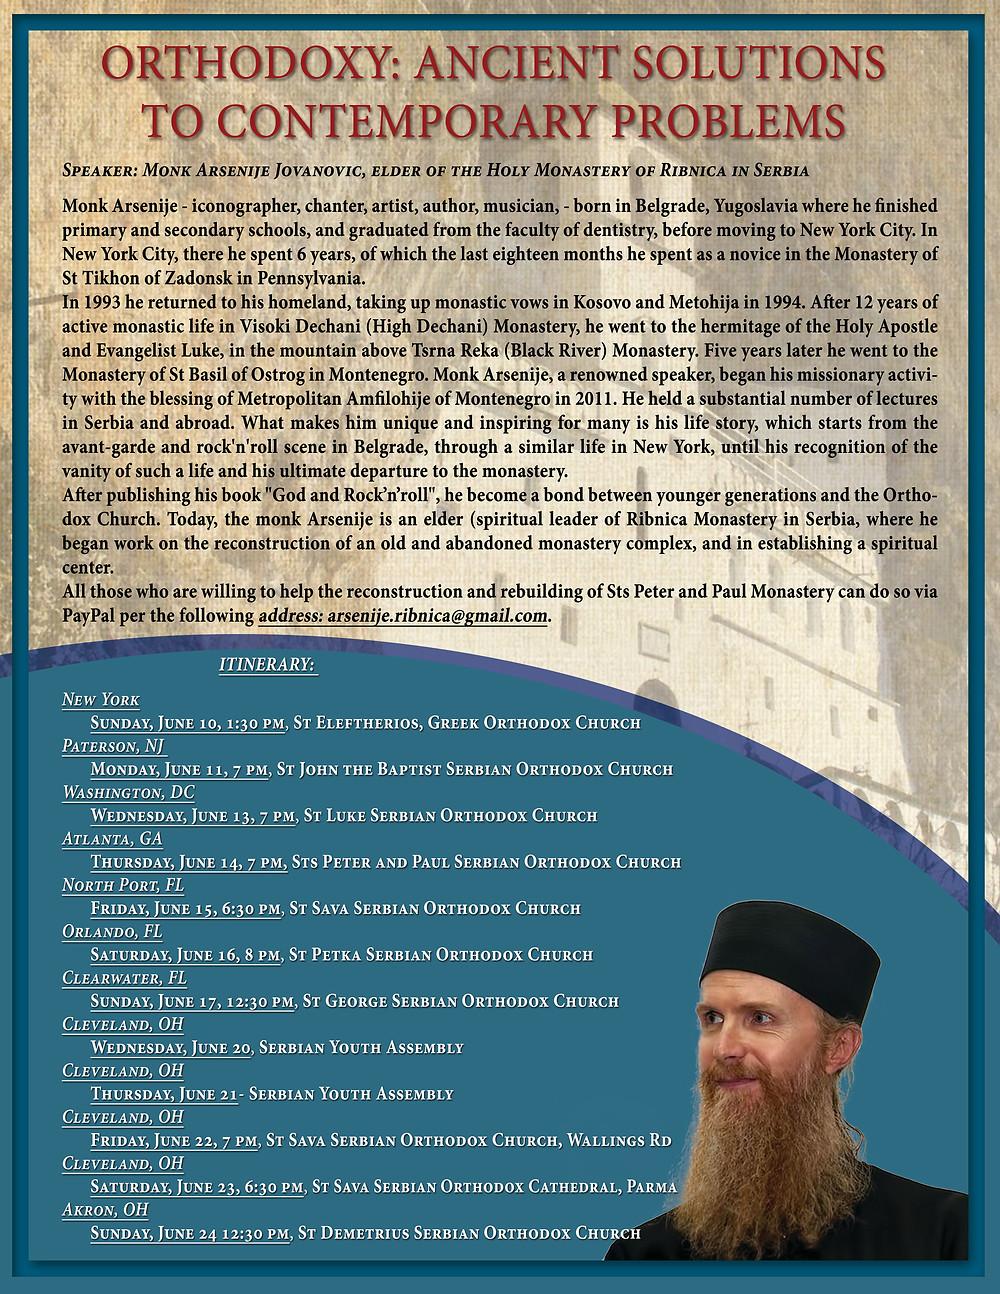 Poster Arsenije english version